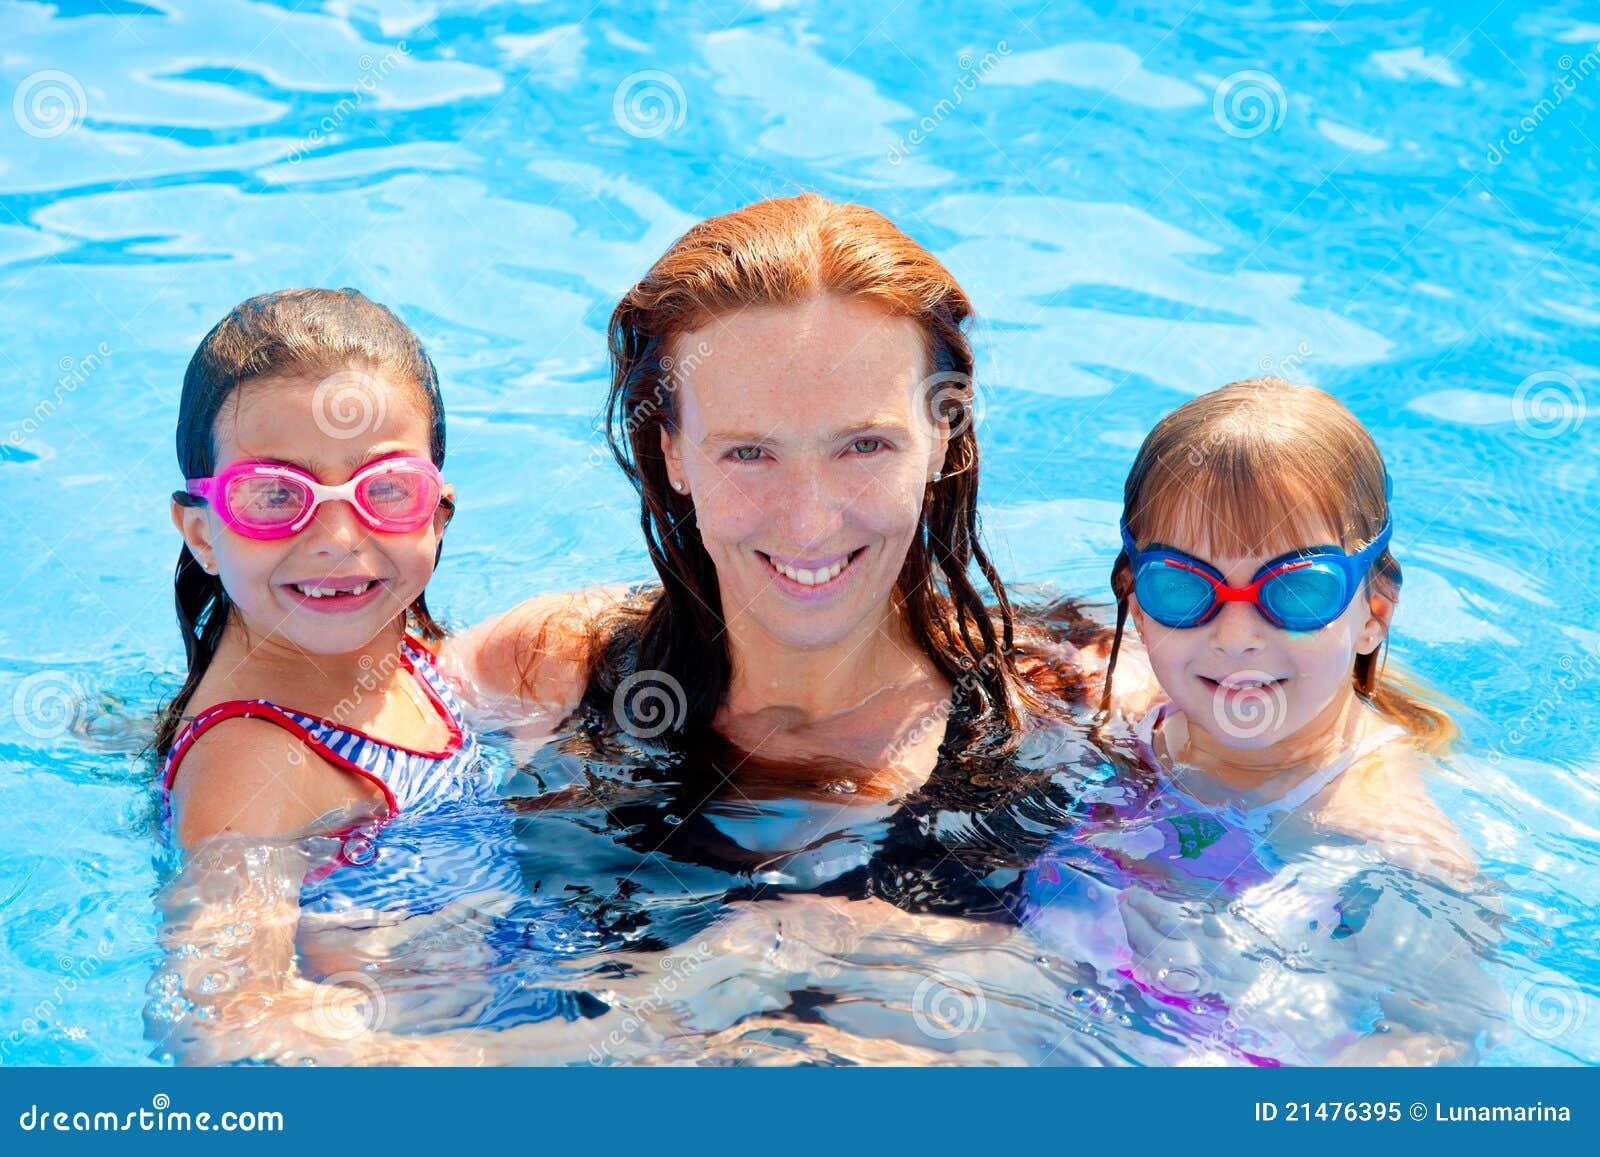 derivati di nuoto